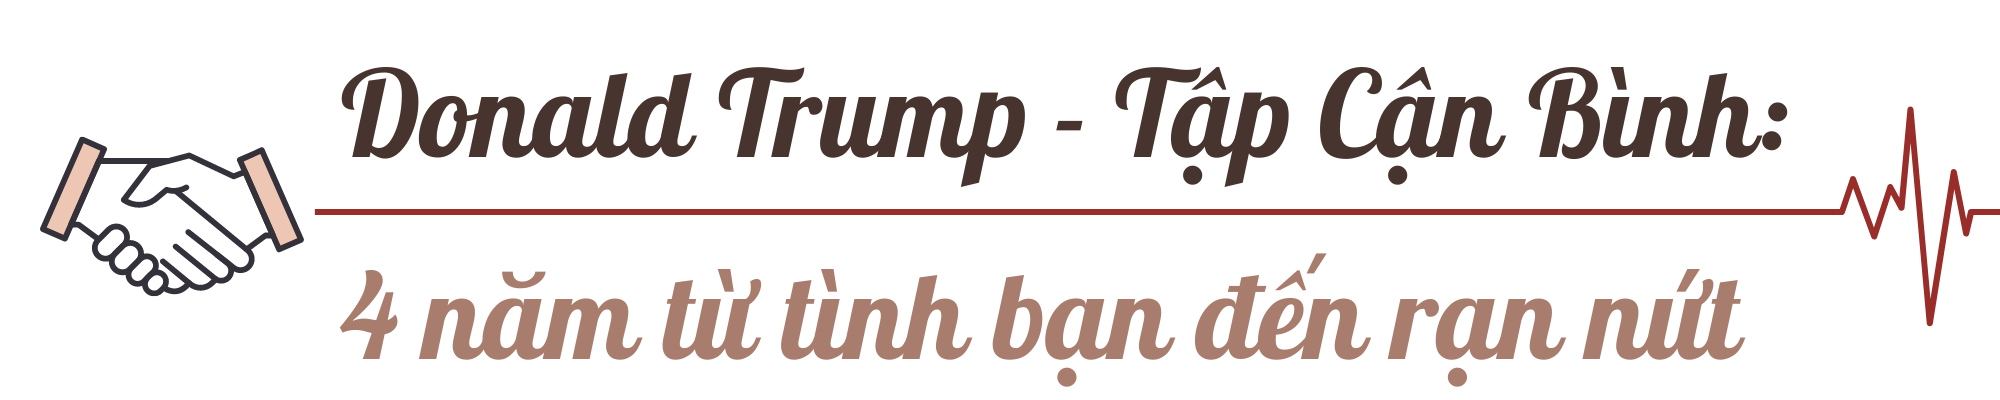 Nhìn lại tình bạn Donald Trump - Tập Cận Bình: 4 năm từ thân thiết đến rạn nứt - Ảnh 11.